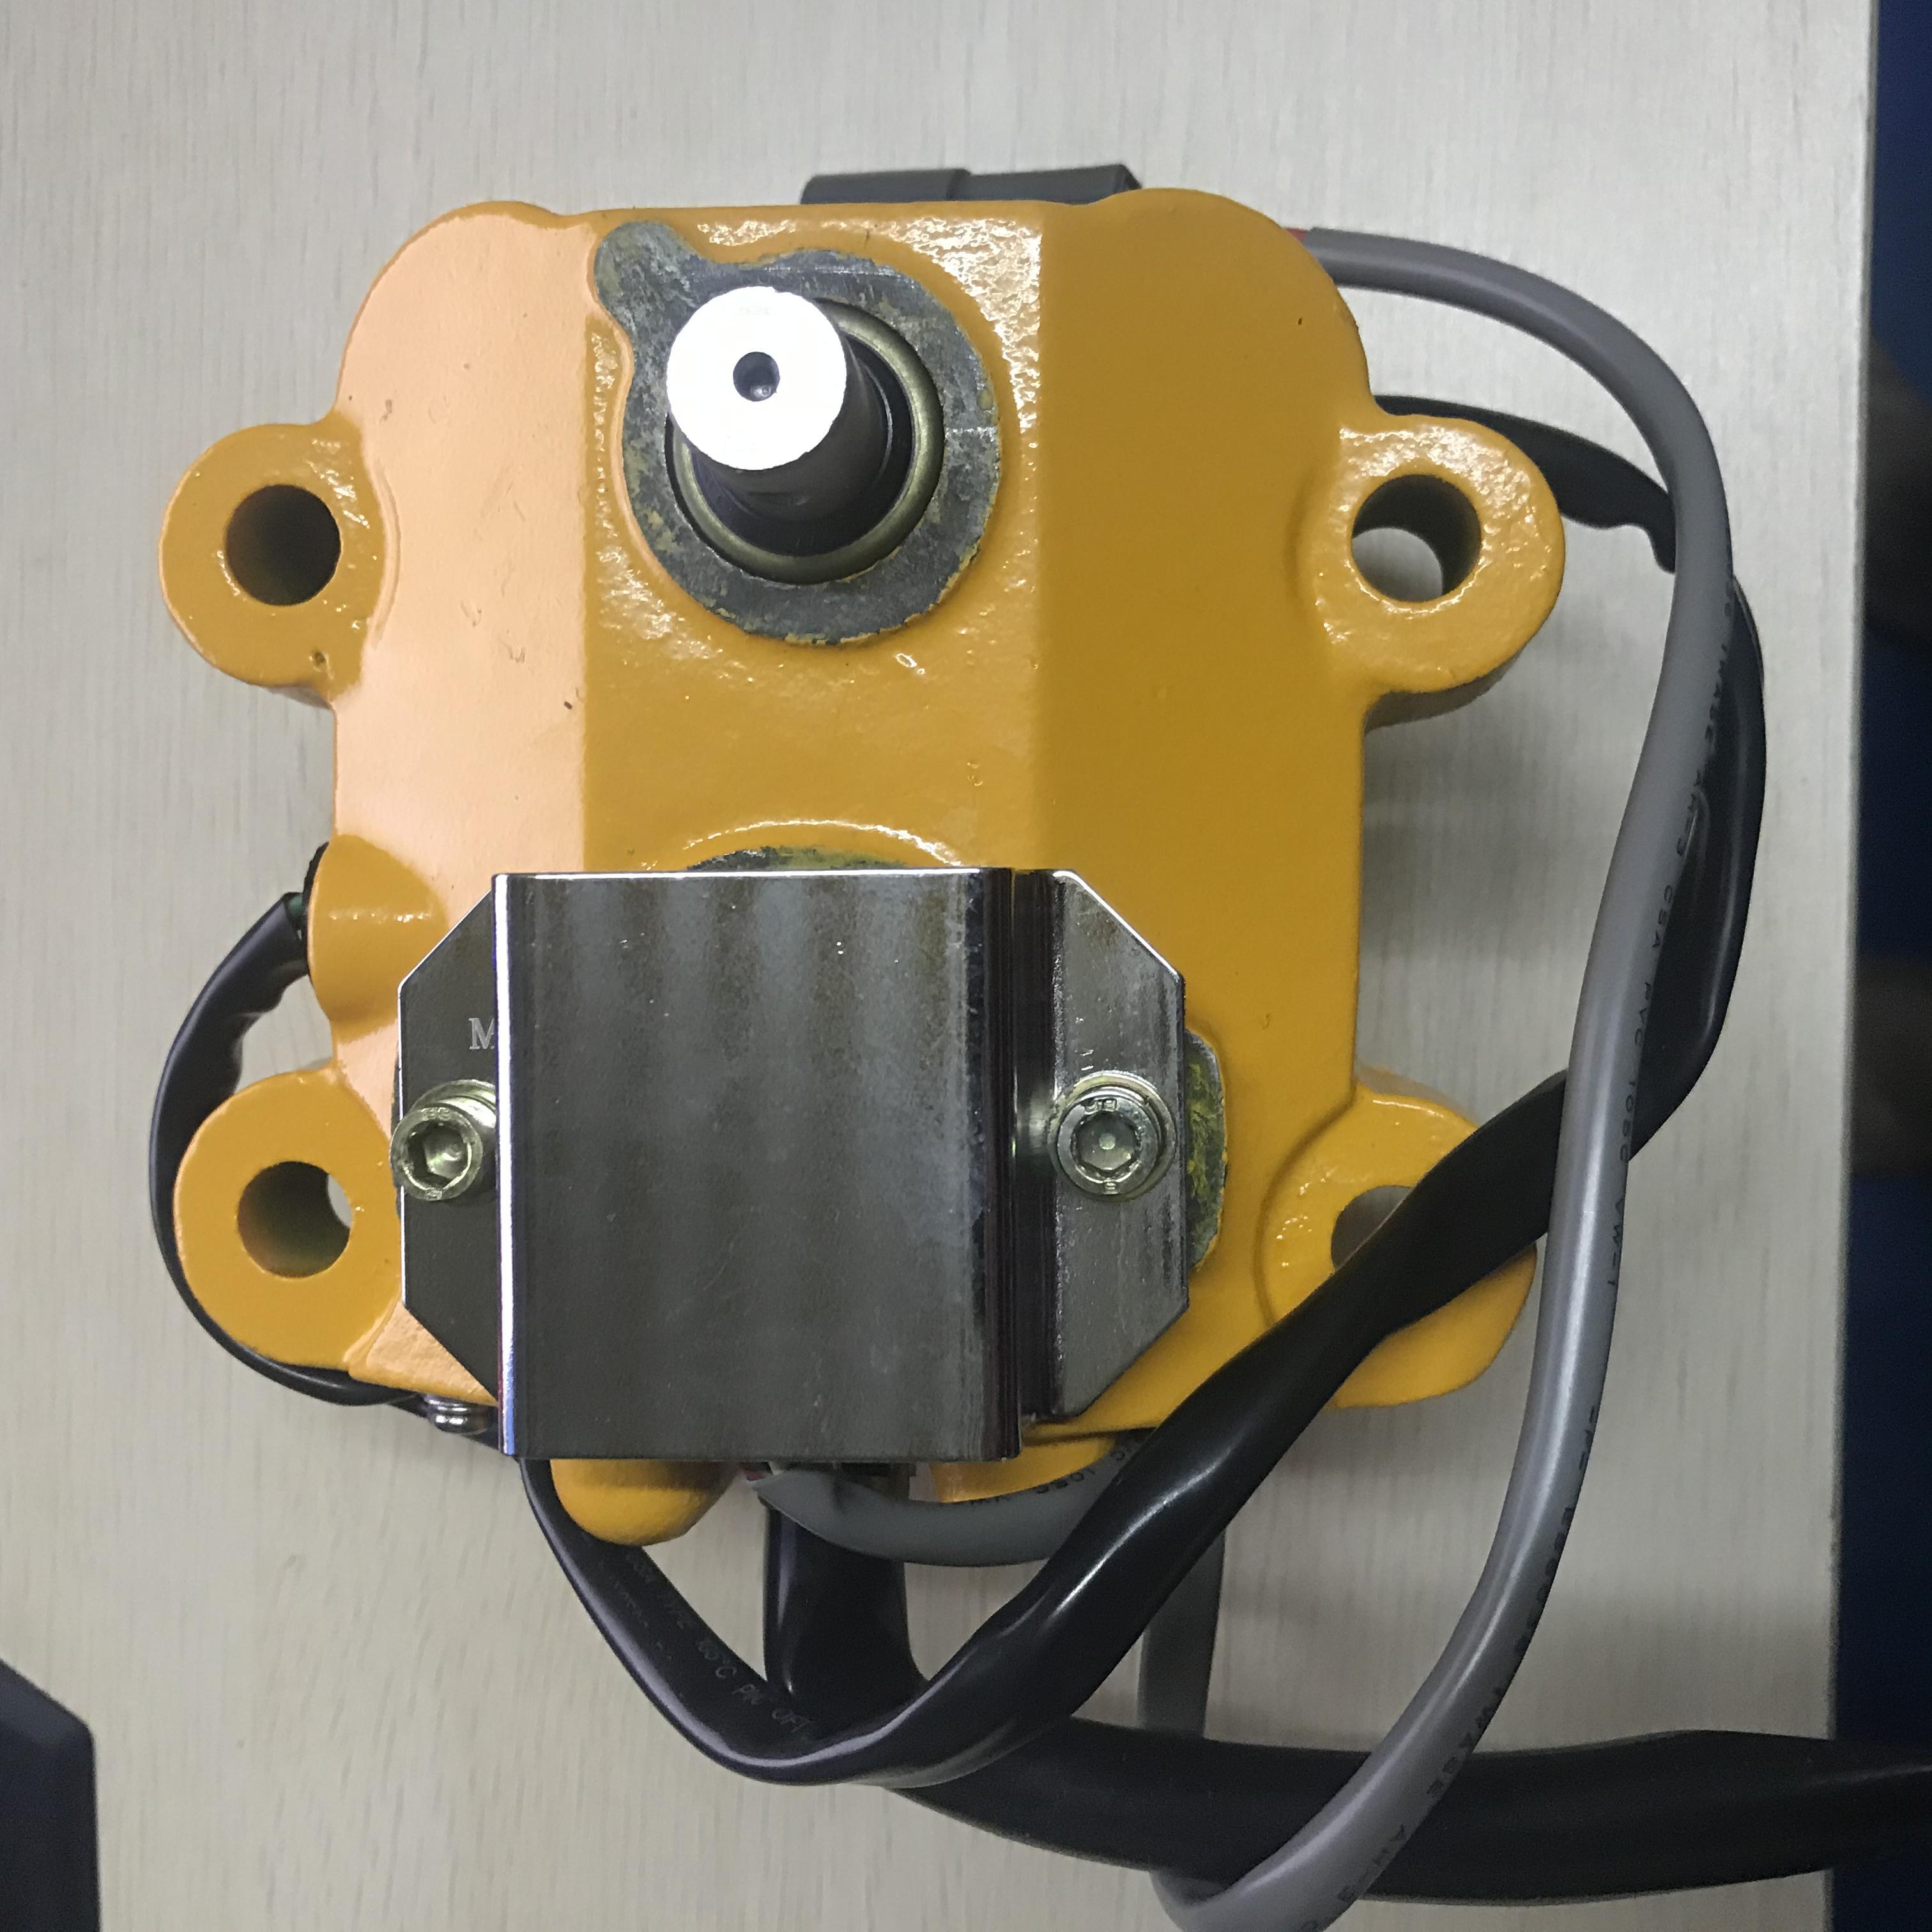 굴삭기 액세서리 KOMATSU 스로틀 모터 7824-30-1600 적용 모델 : PC100-5 / PC120-5 / PC200-5 / PC220-5 / PC300-5 / PC410-5 / R220LC-5 / R210